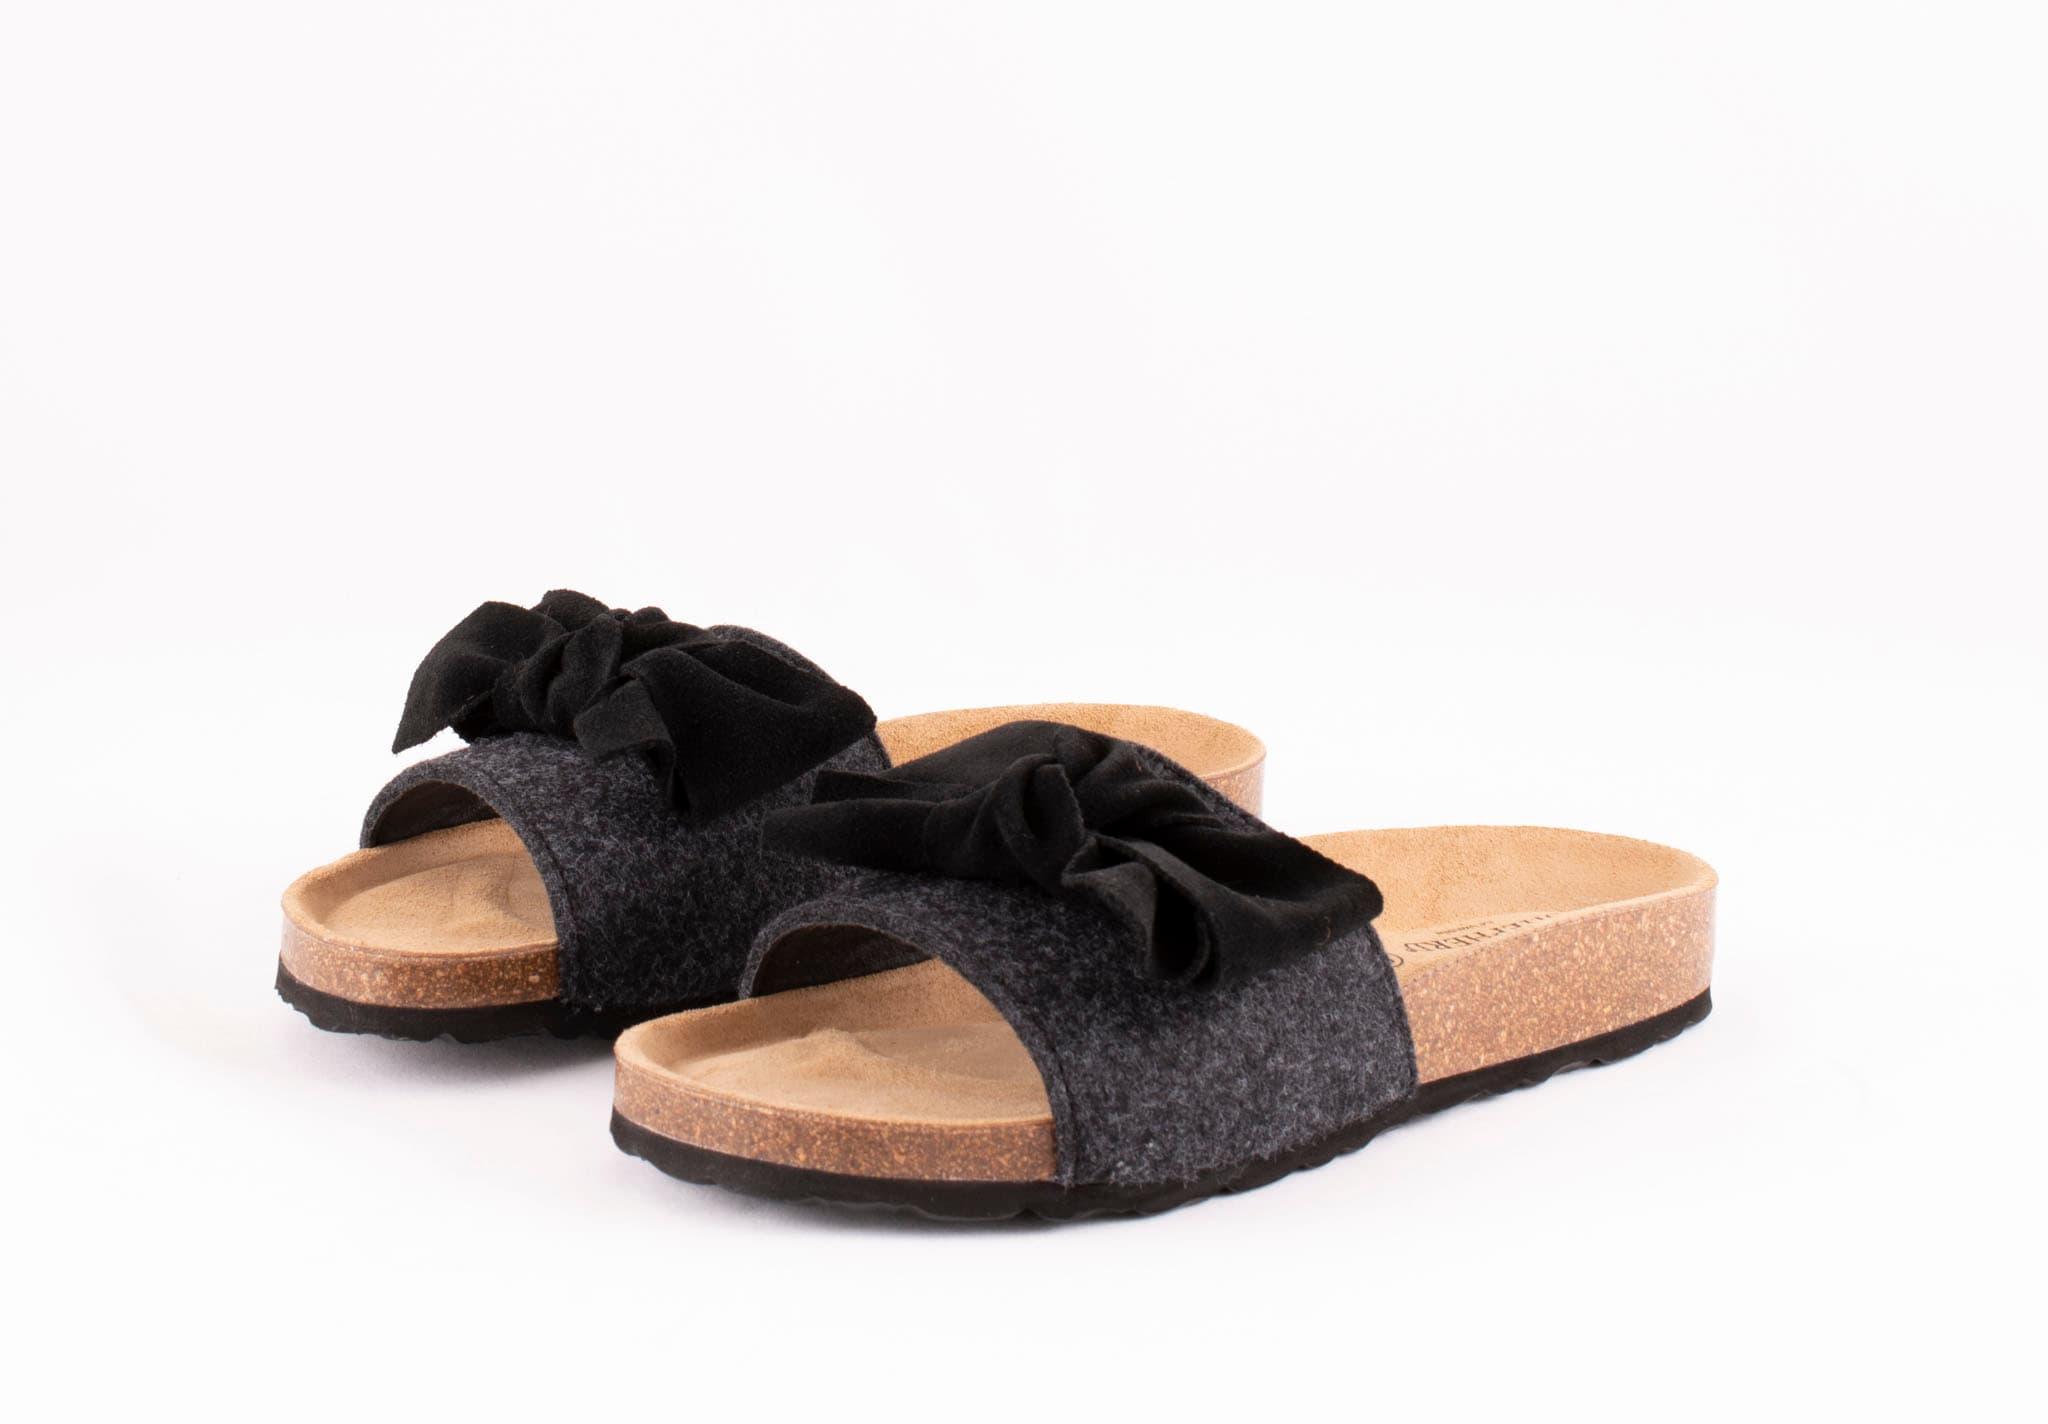 Silvia sandals